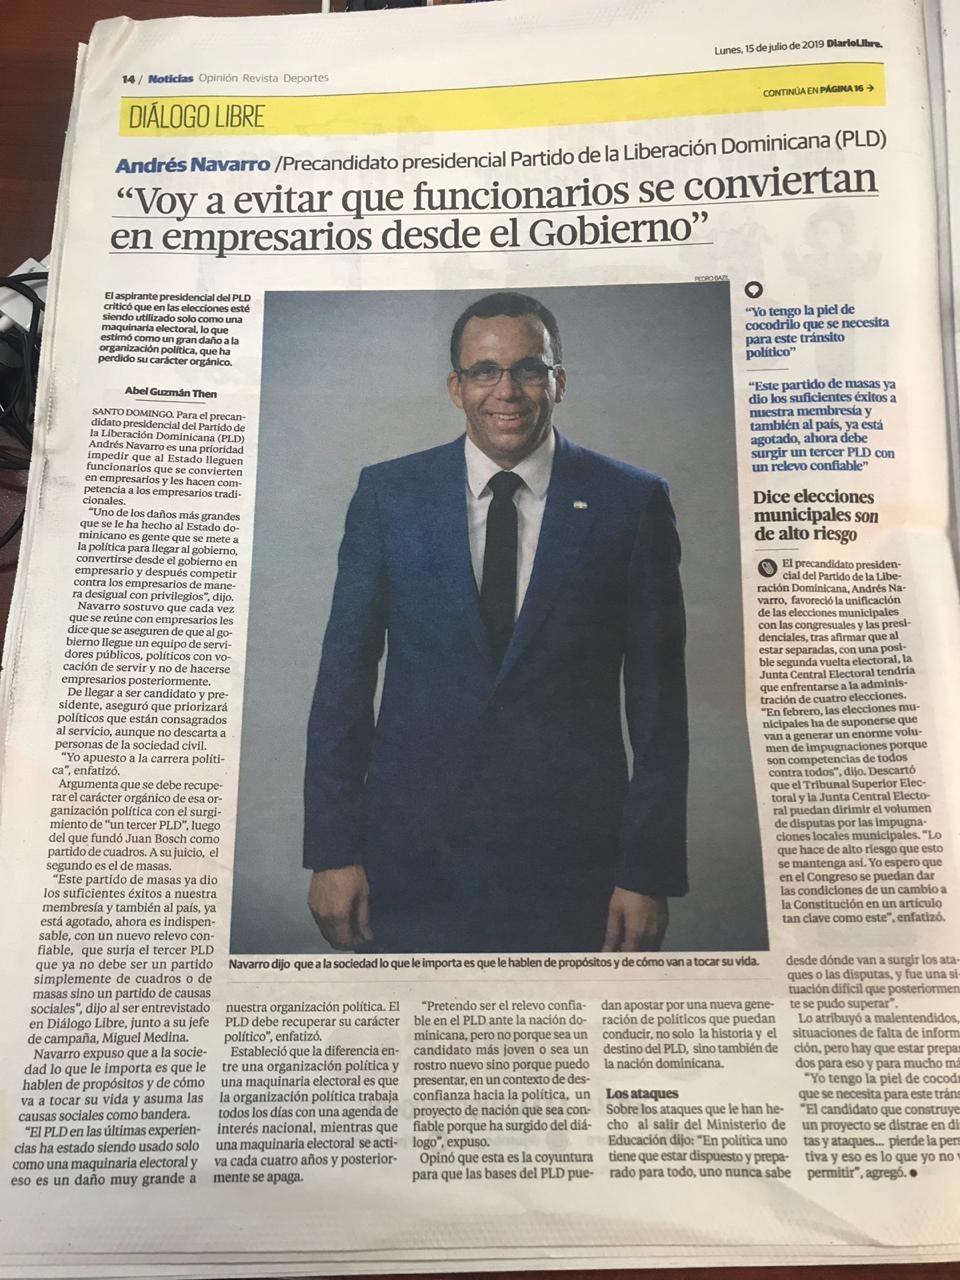 Andres Navarro Llego la hora del Relevo Politico en Rep Dom.